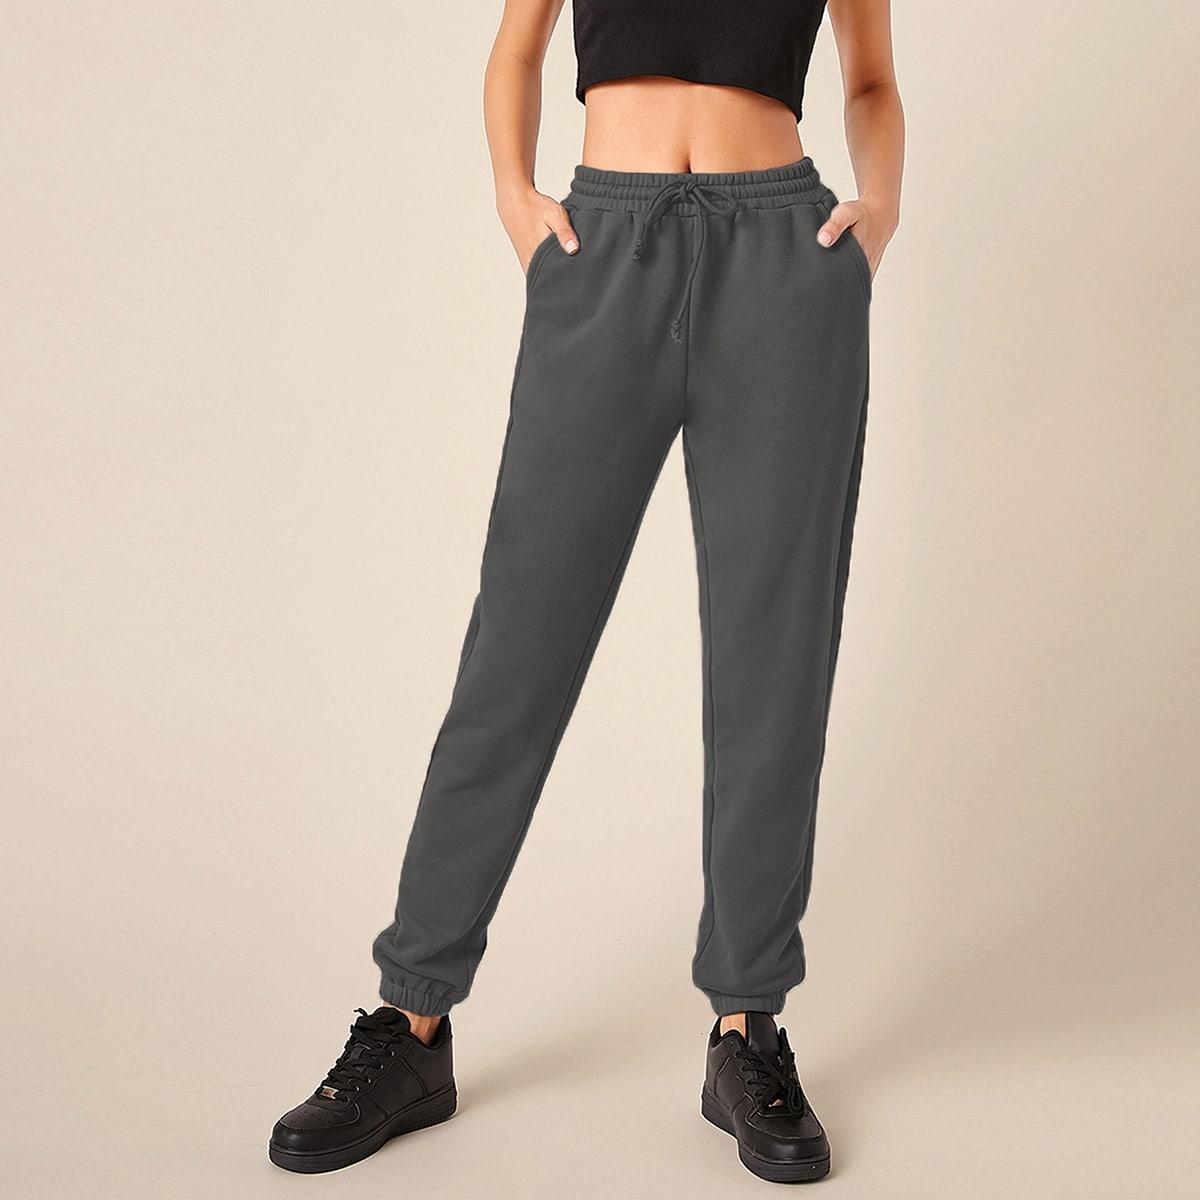 Pantalones deportivos unicolor de cintura con cordón